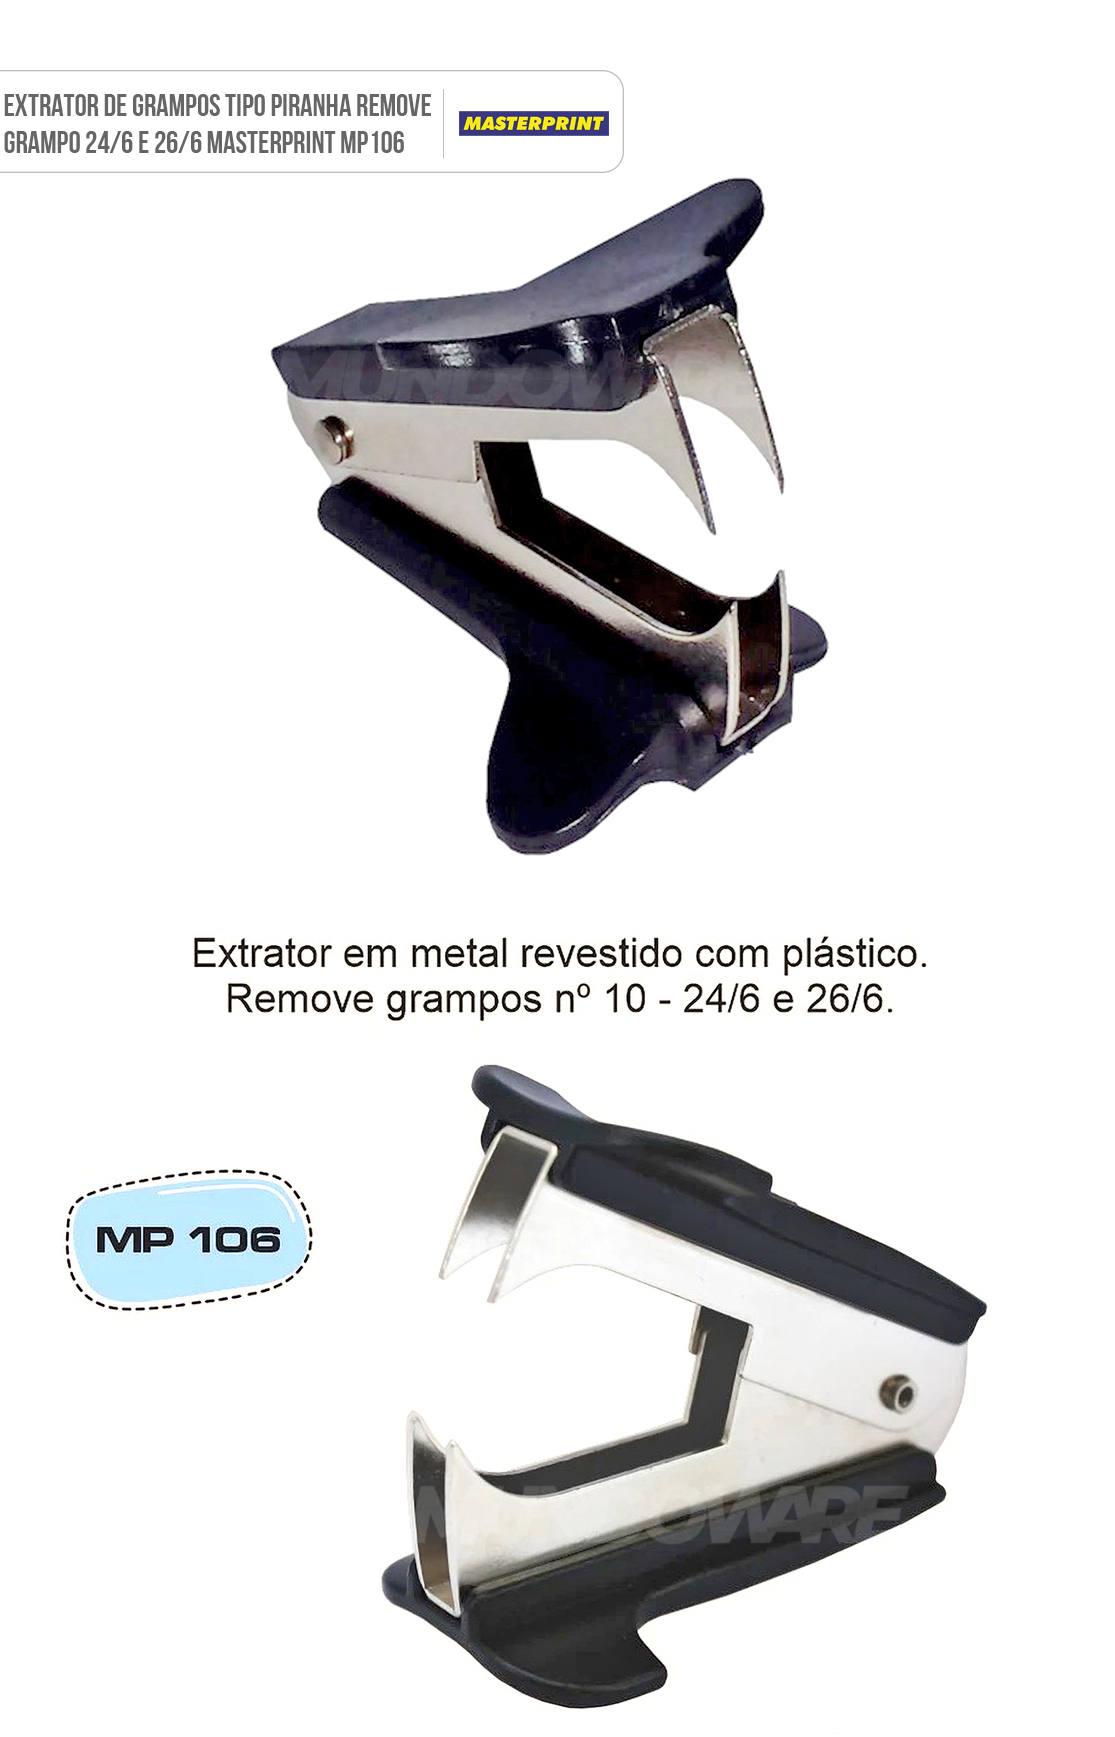 Extrator de Grampos Tipo Piranha Remove Grampo 24/6 e 26/6 Masterprint MP-106